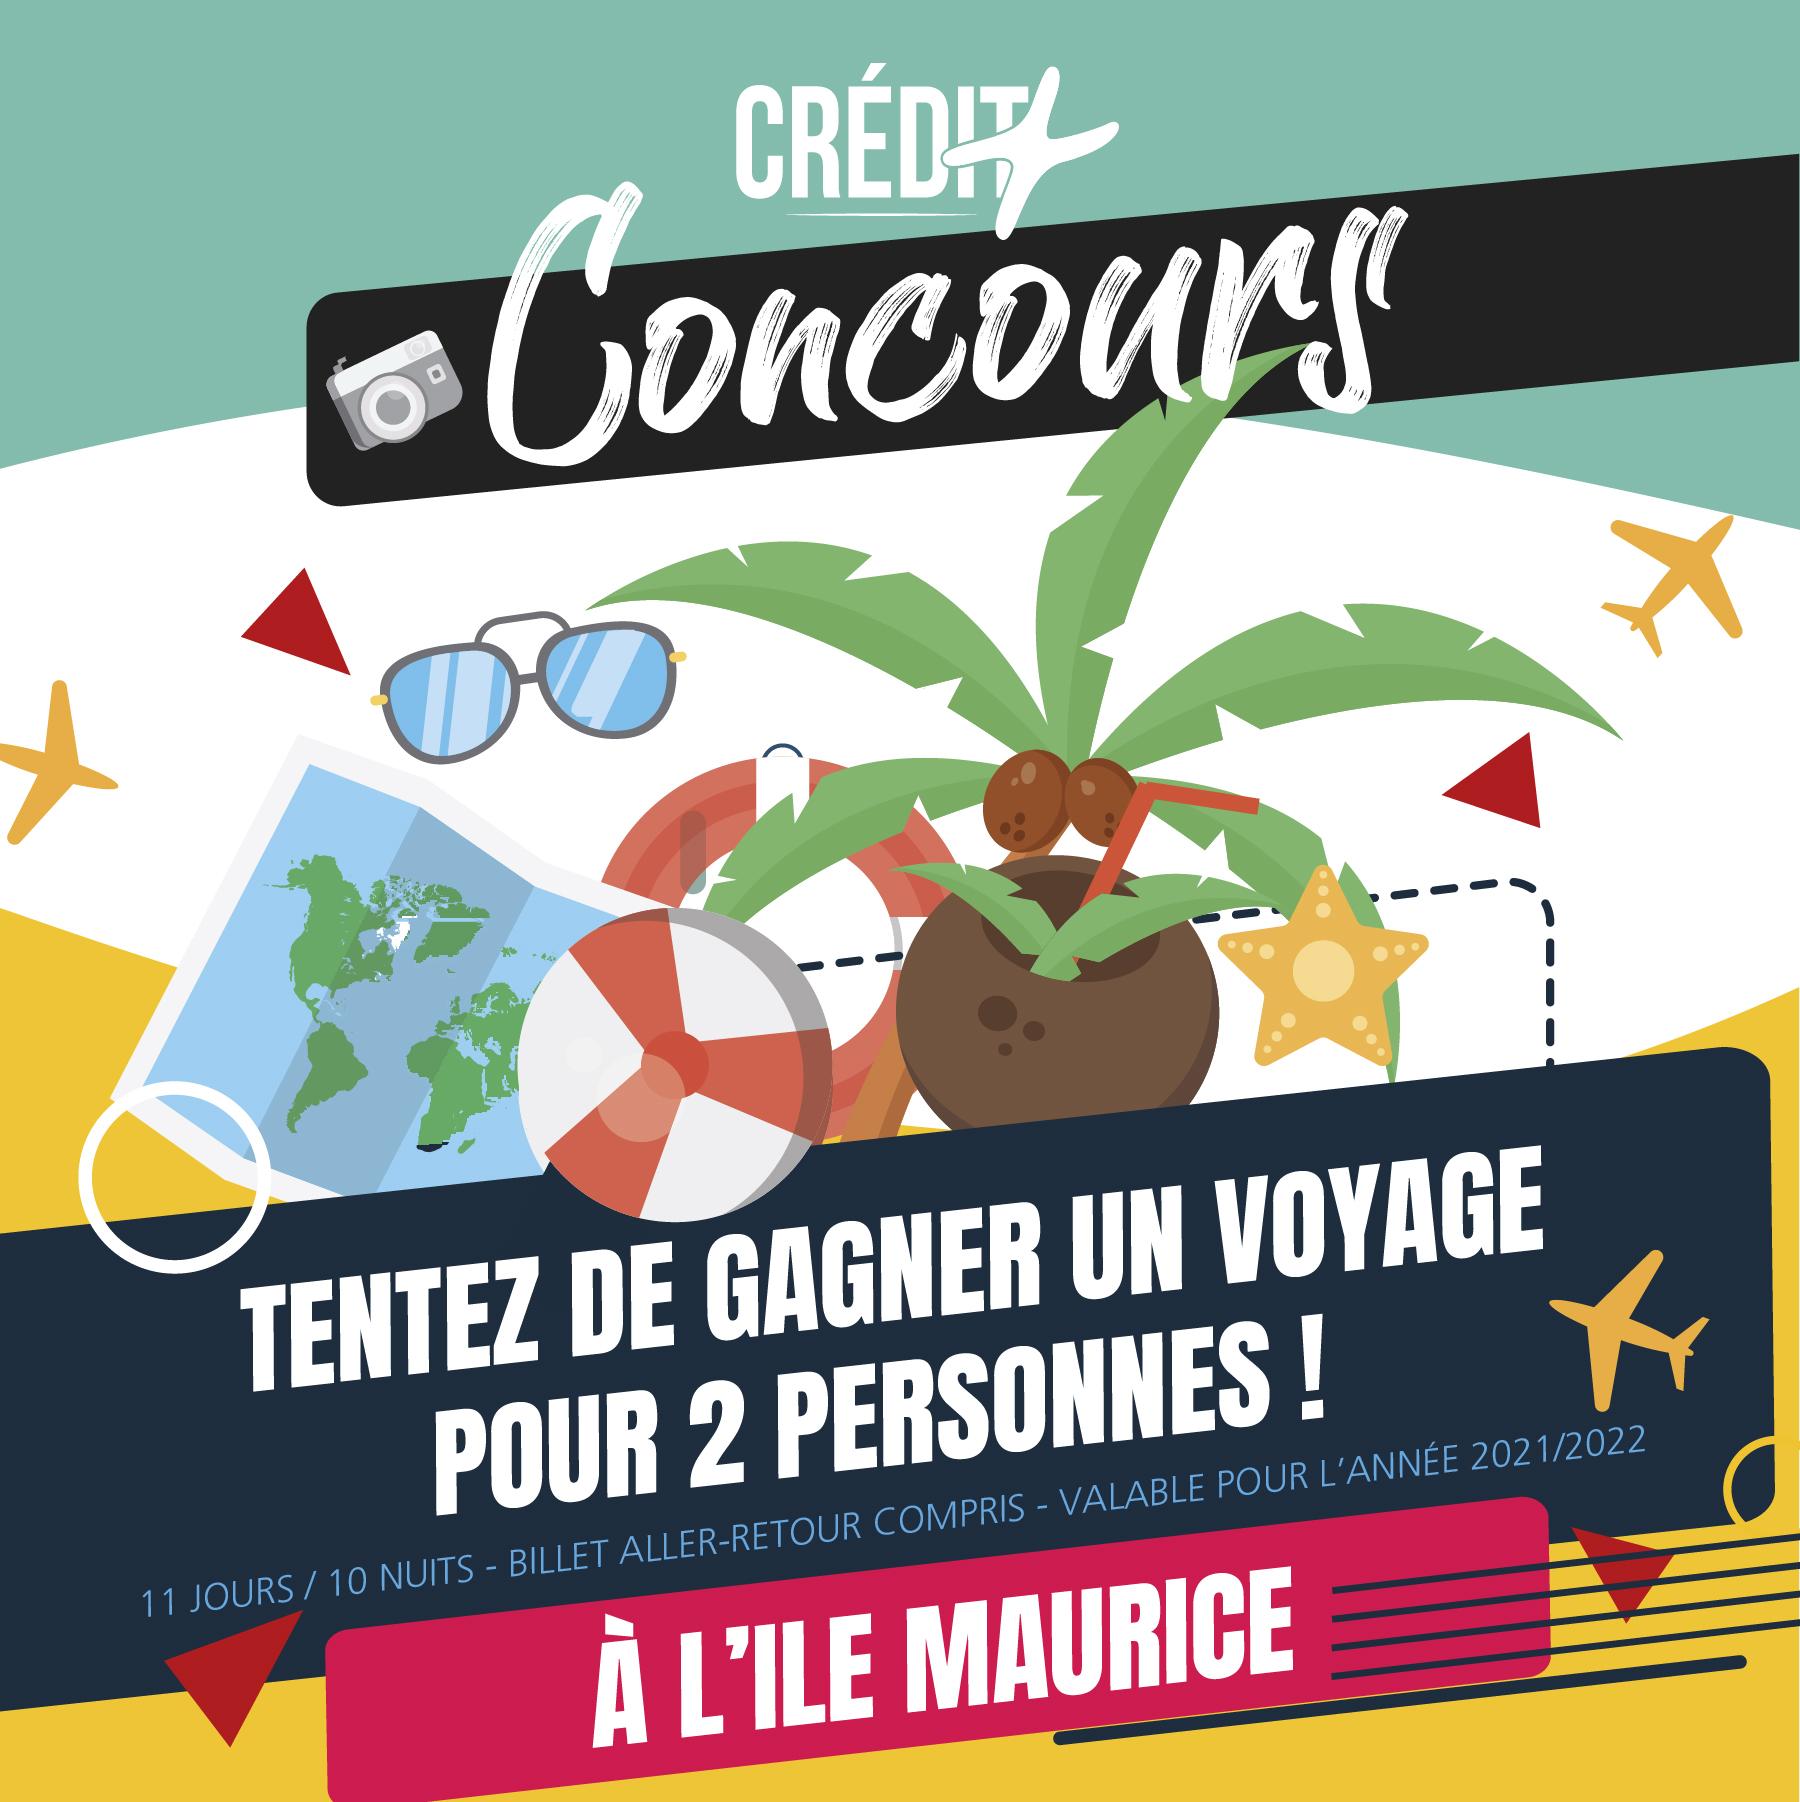 Jeu Concours : Tentez de gagner un voyage pour 2 personnes à l'île Maurice (11 jours/10 nuits, Billets A/R et valable pour l'année 2021/2022)